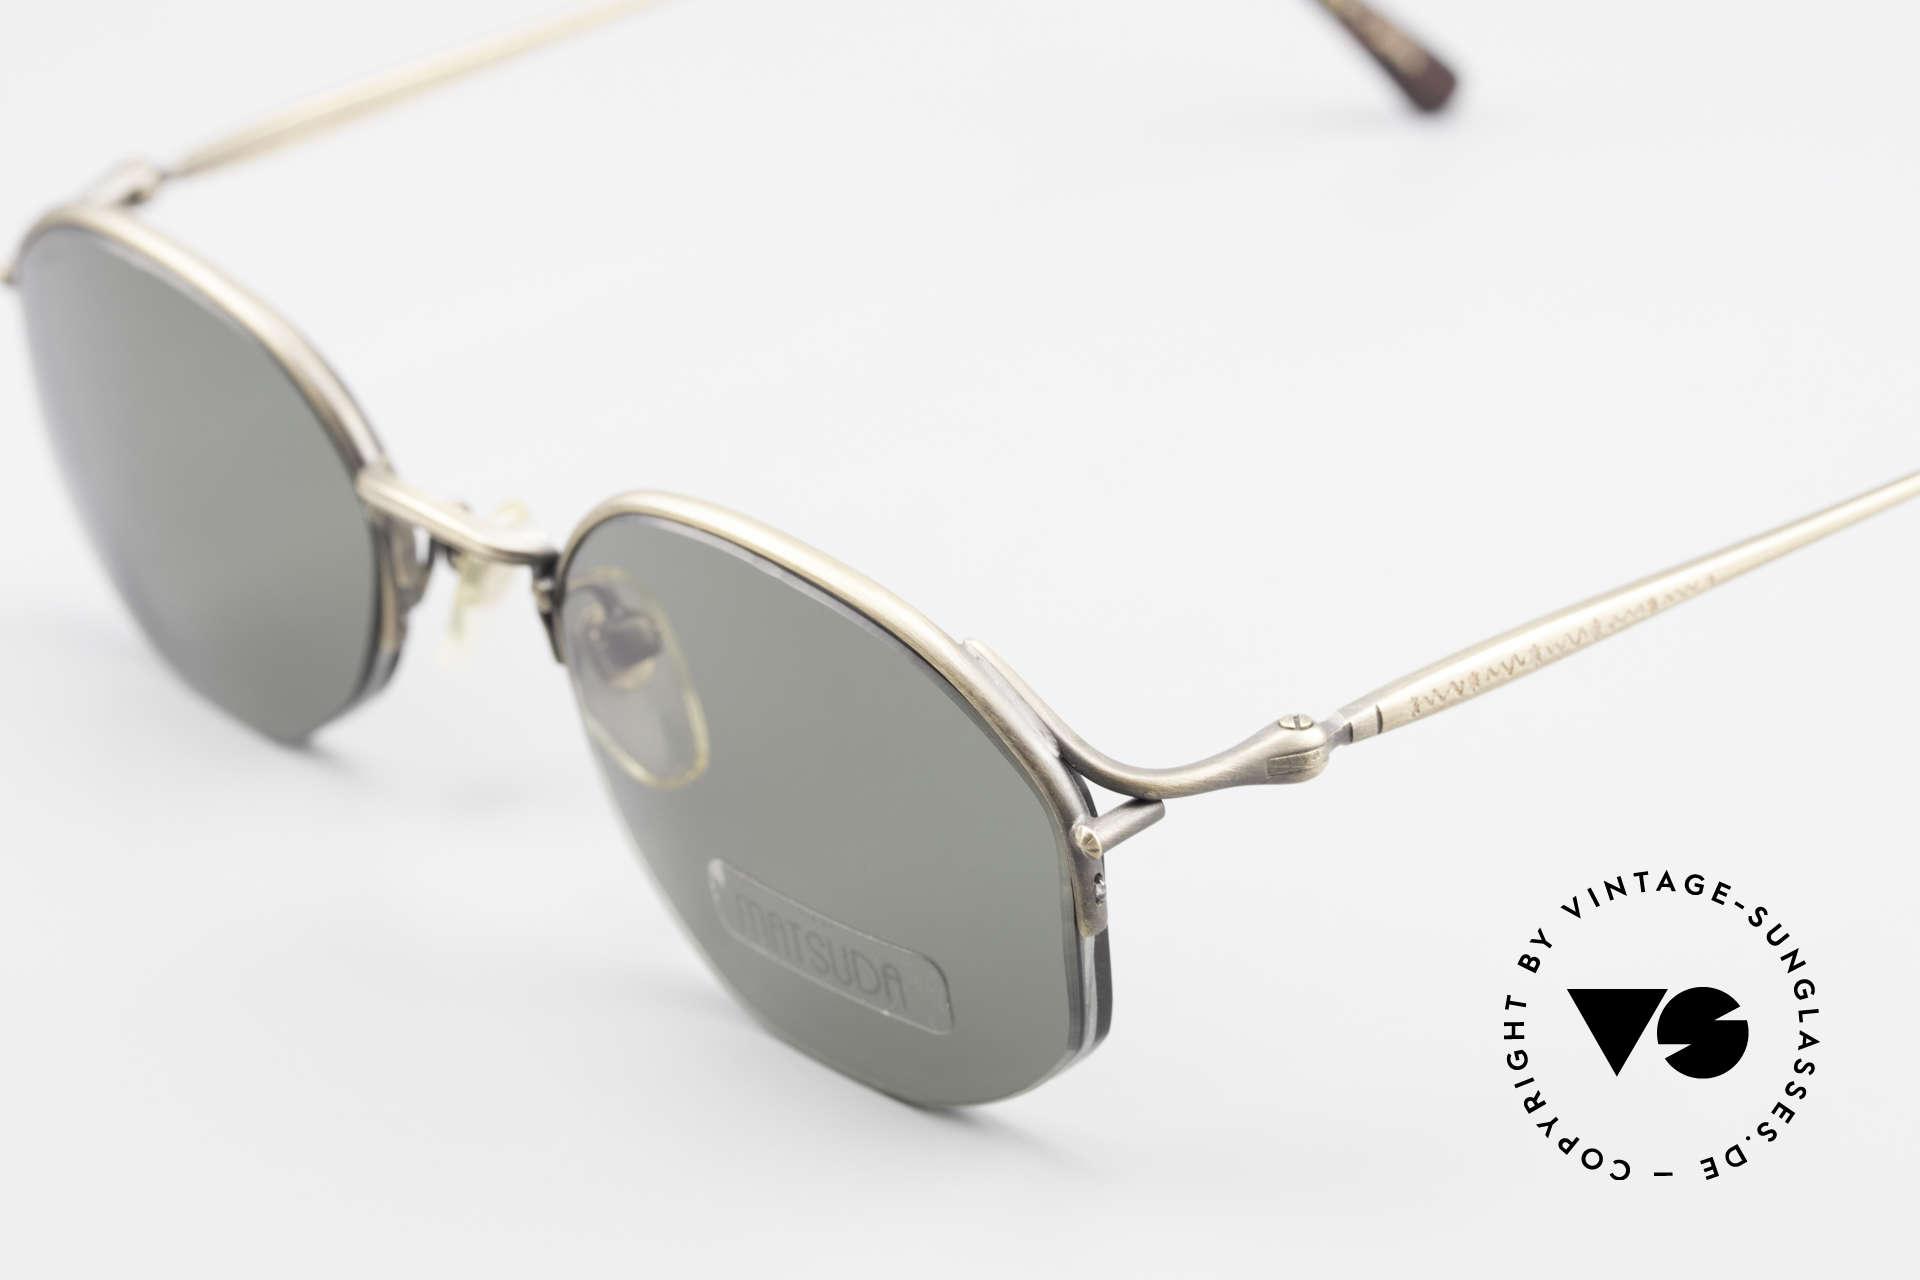 Matsuda 2855 Vintage Sonnenbrille Nylor, seltenes, 20 Jahre altes Einzelstück, KEIN RETRO, Passend für Herren und Damen